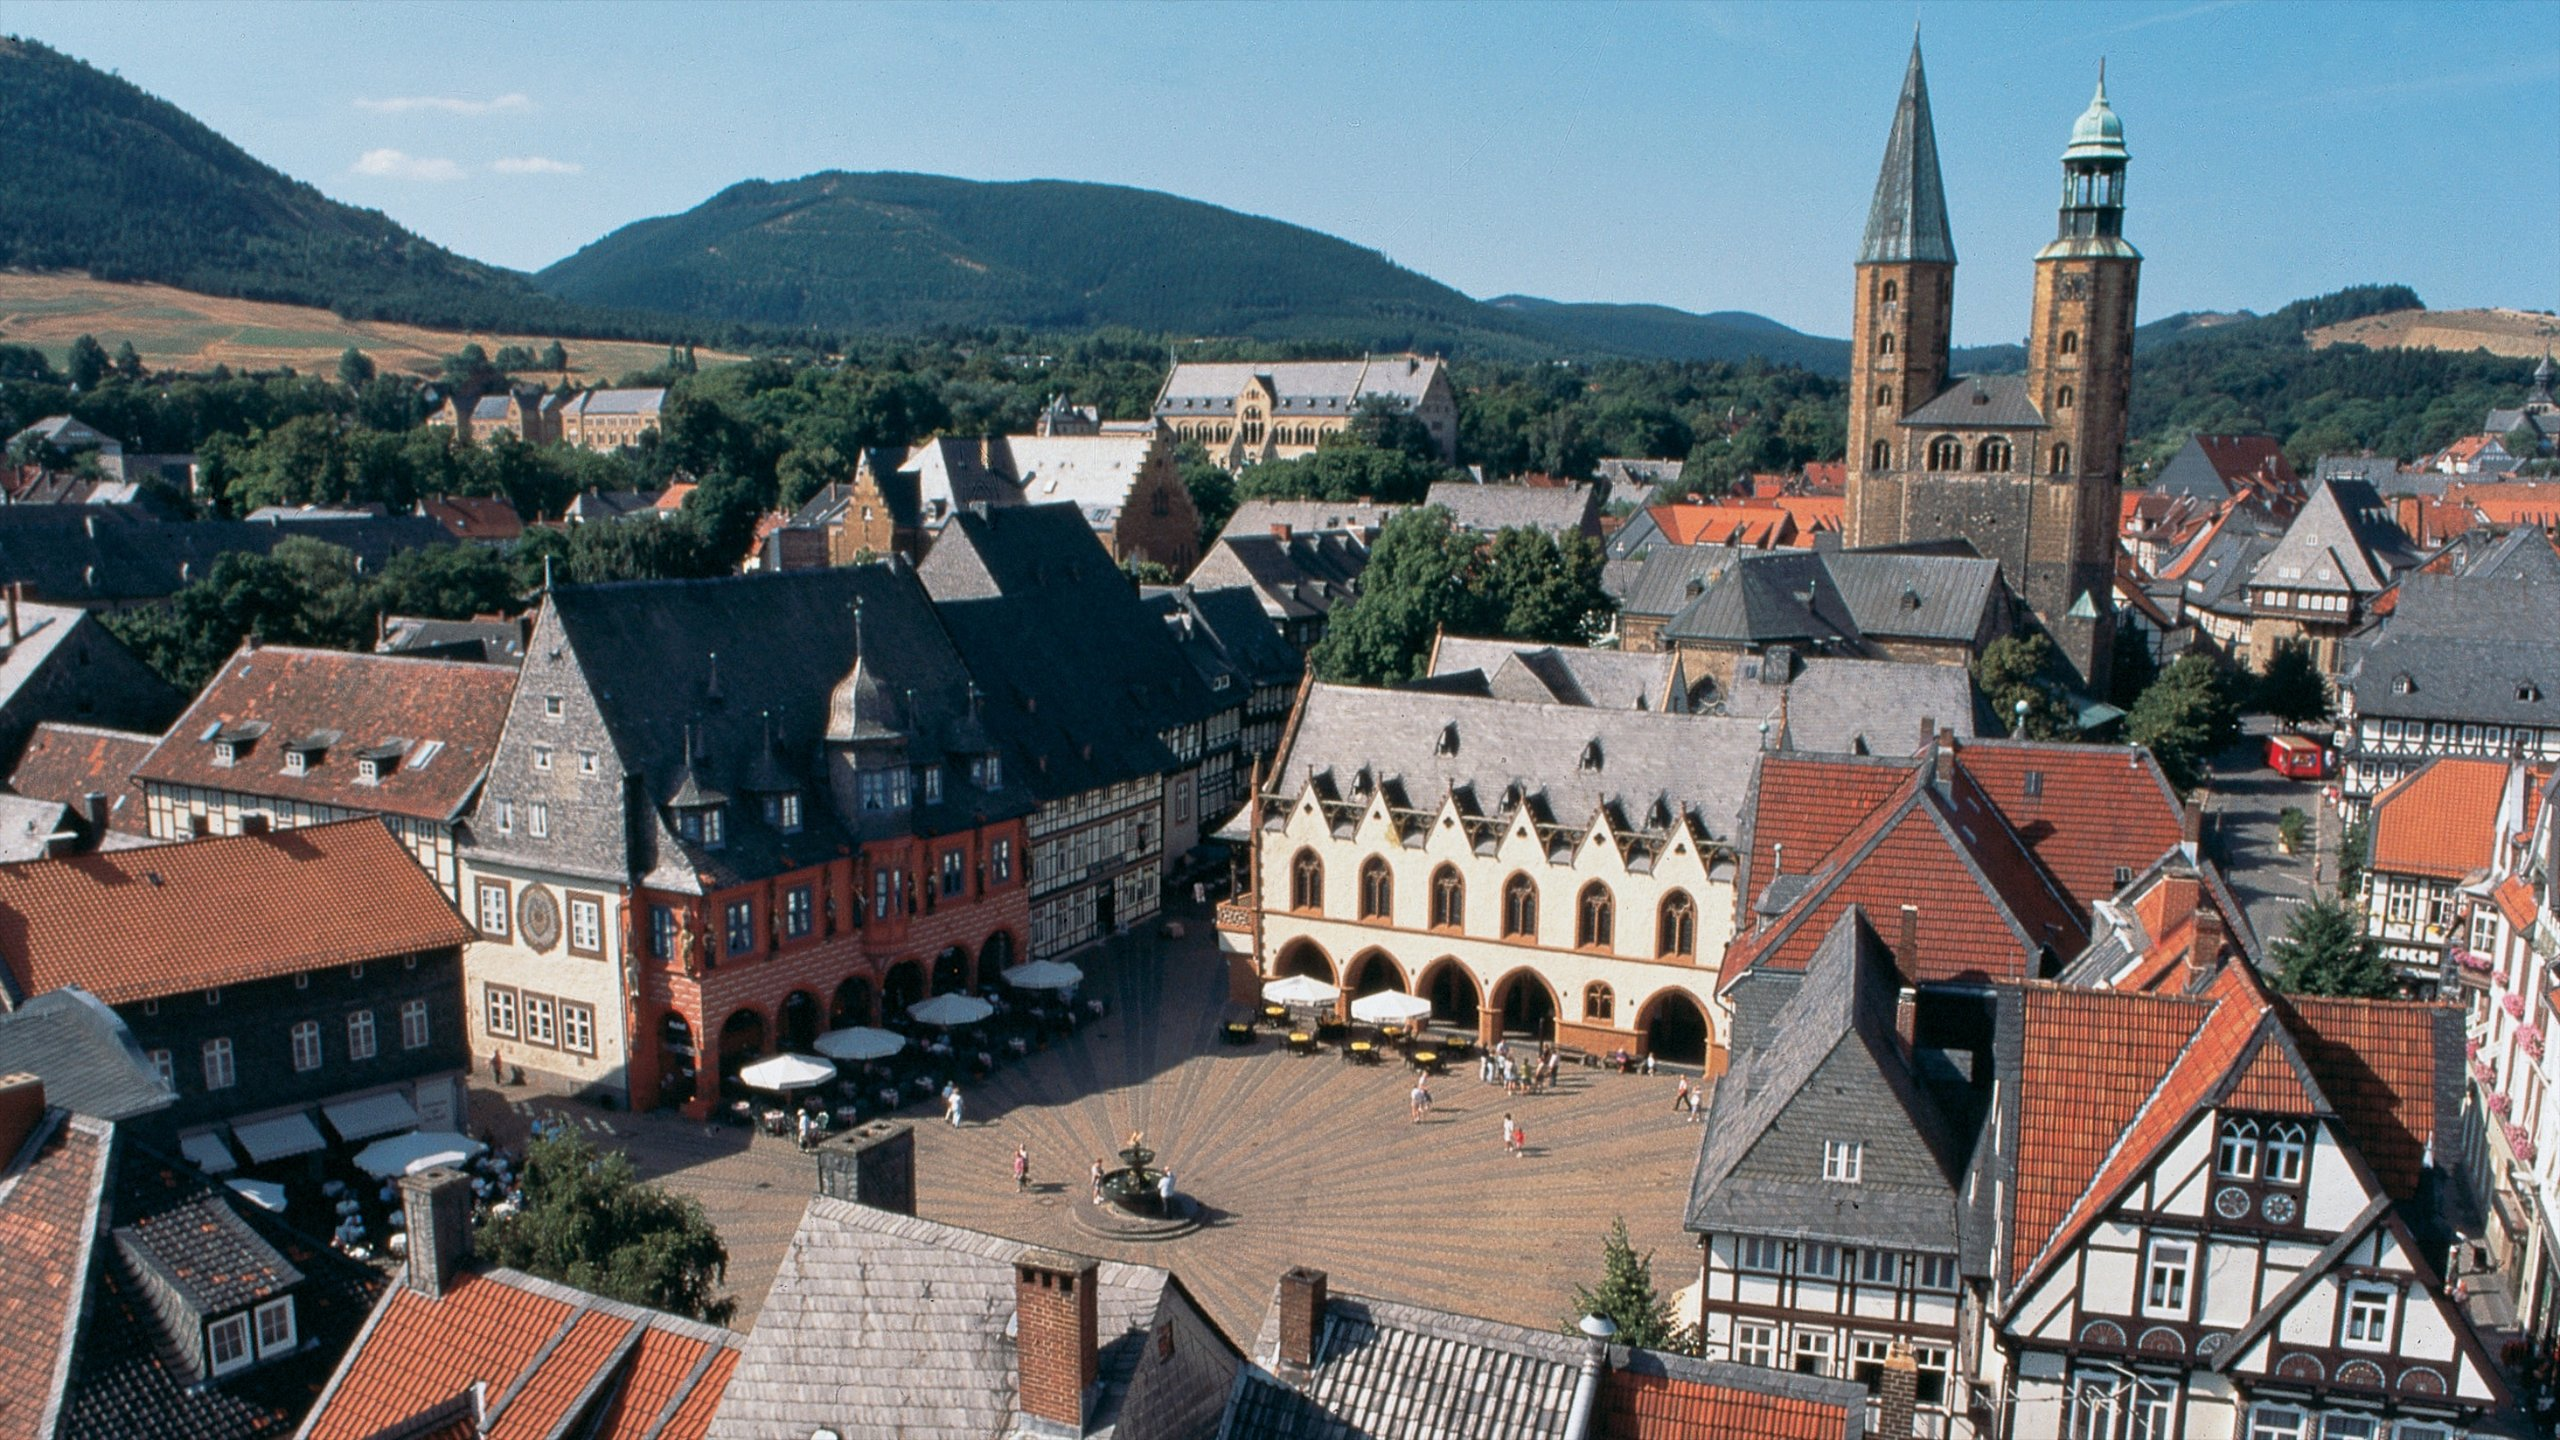 Goslar Rural District, Lower Saxony, Germany